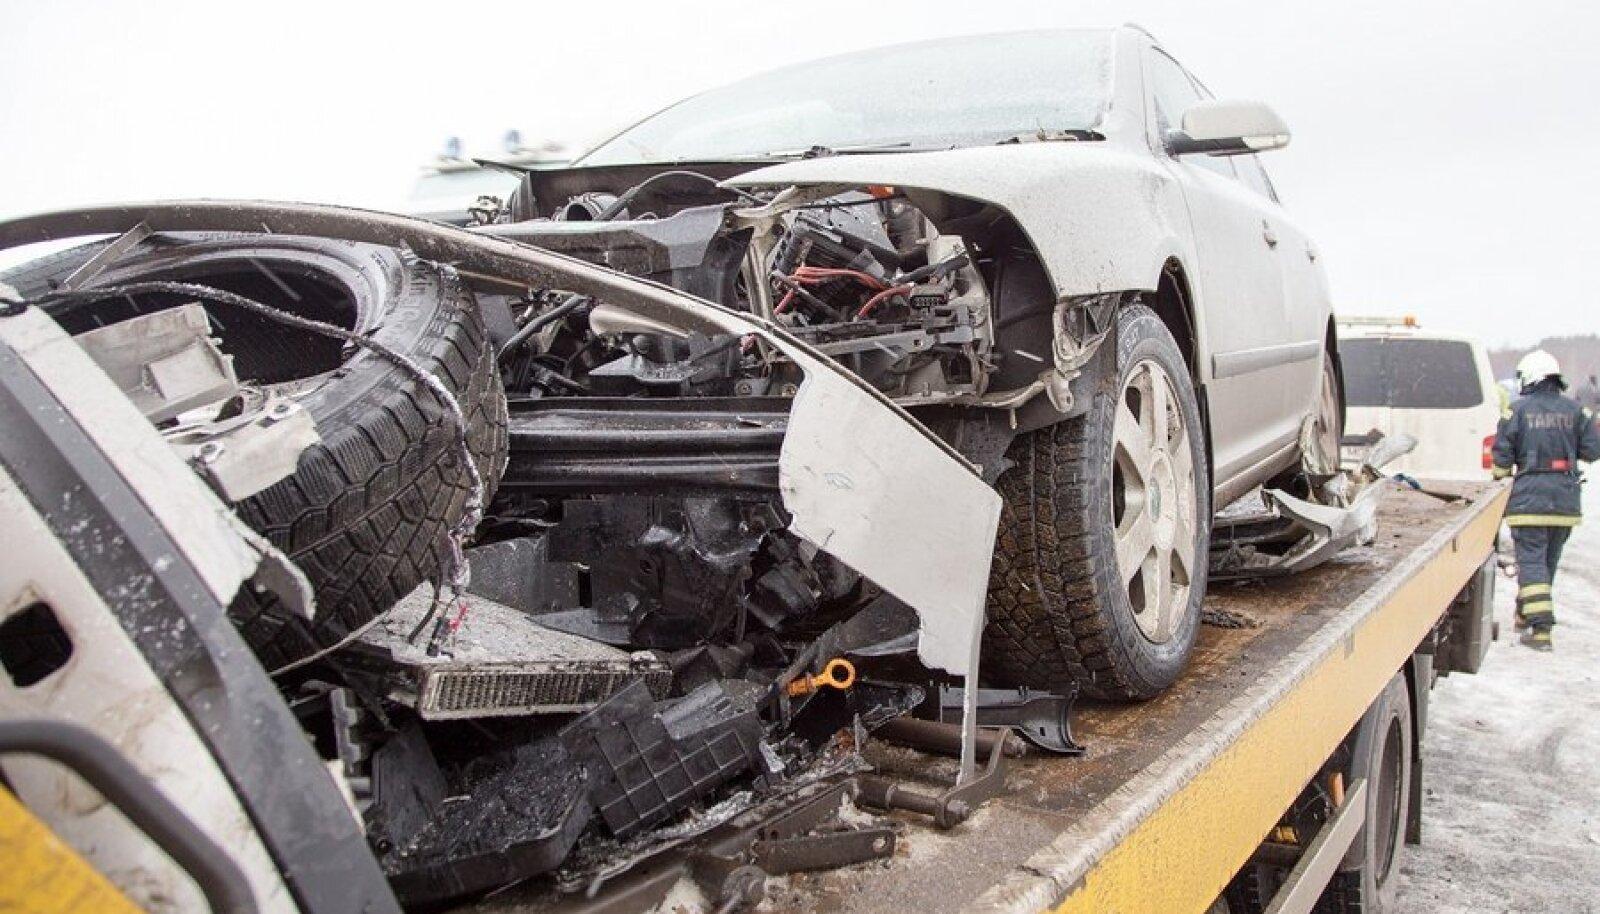 Liiklusõnnetus Kärevere sillal